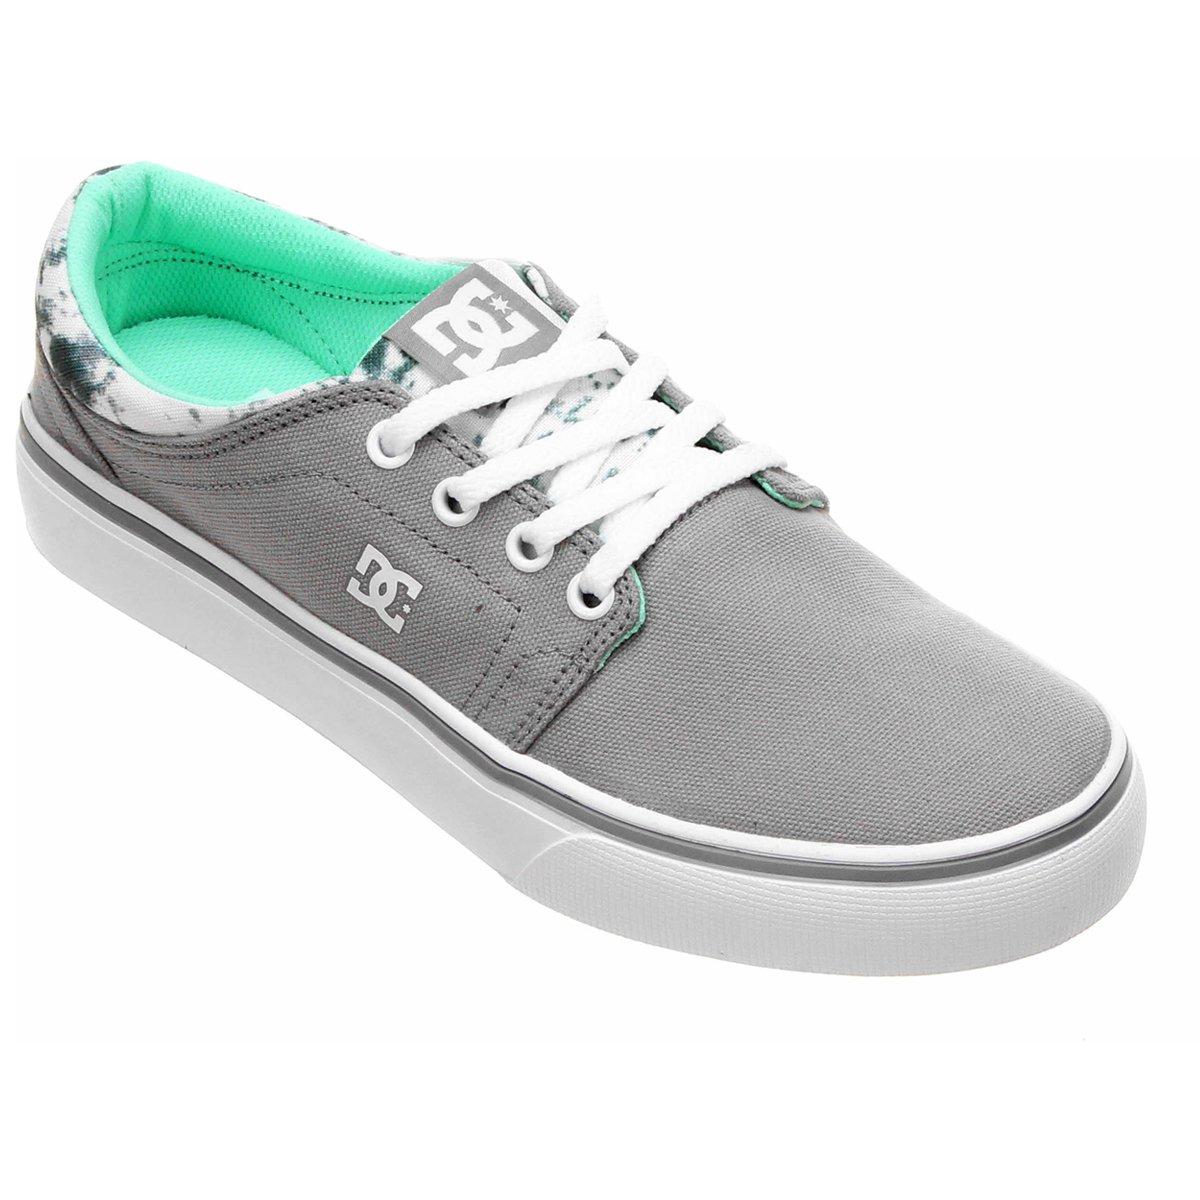 7997ebff9 Tênis DC Shoes Trase Tx Se